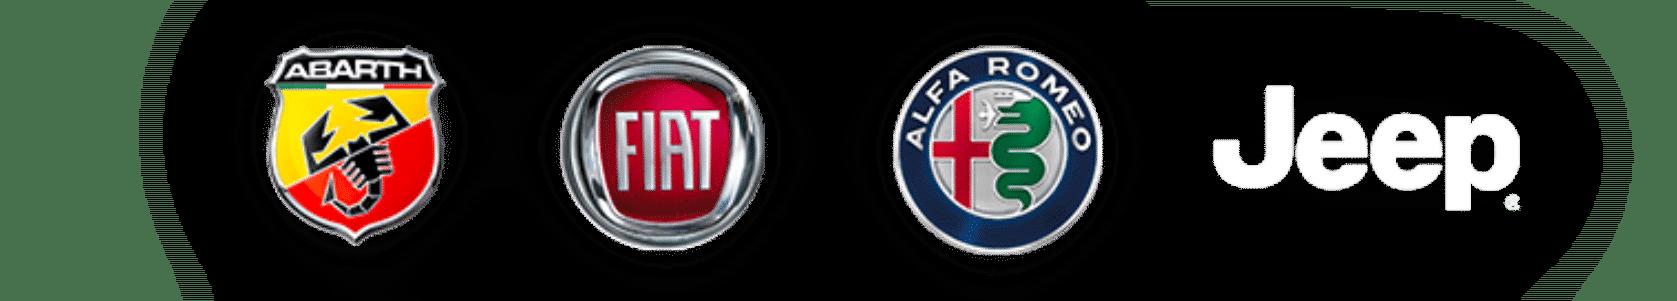 CARS logos marcas coche mas site